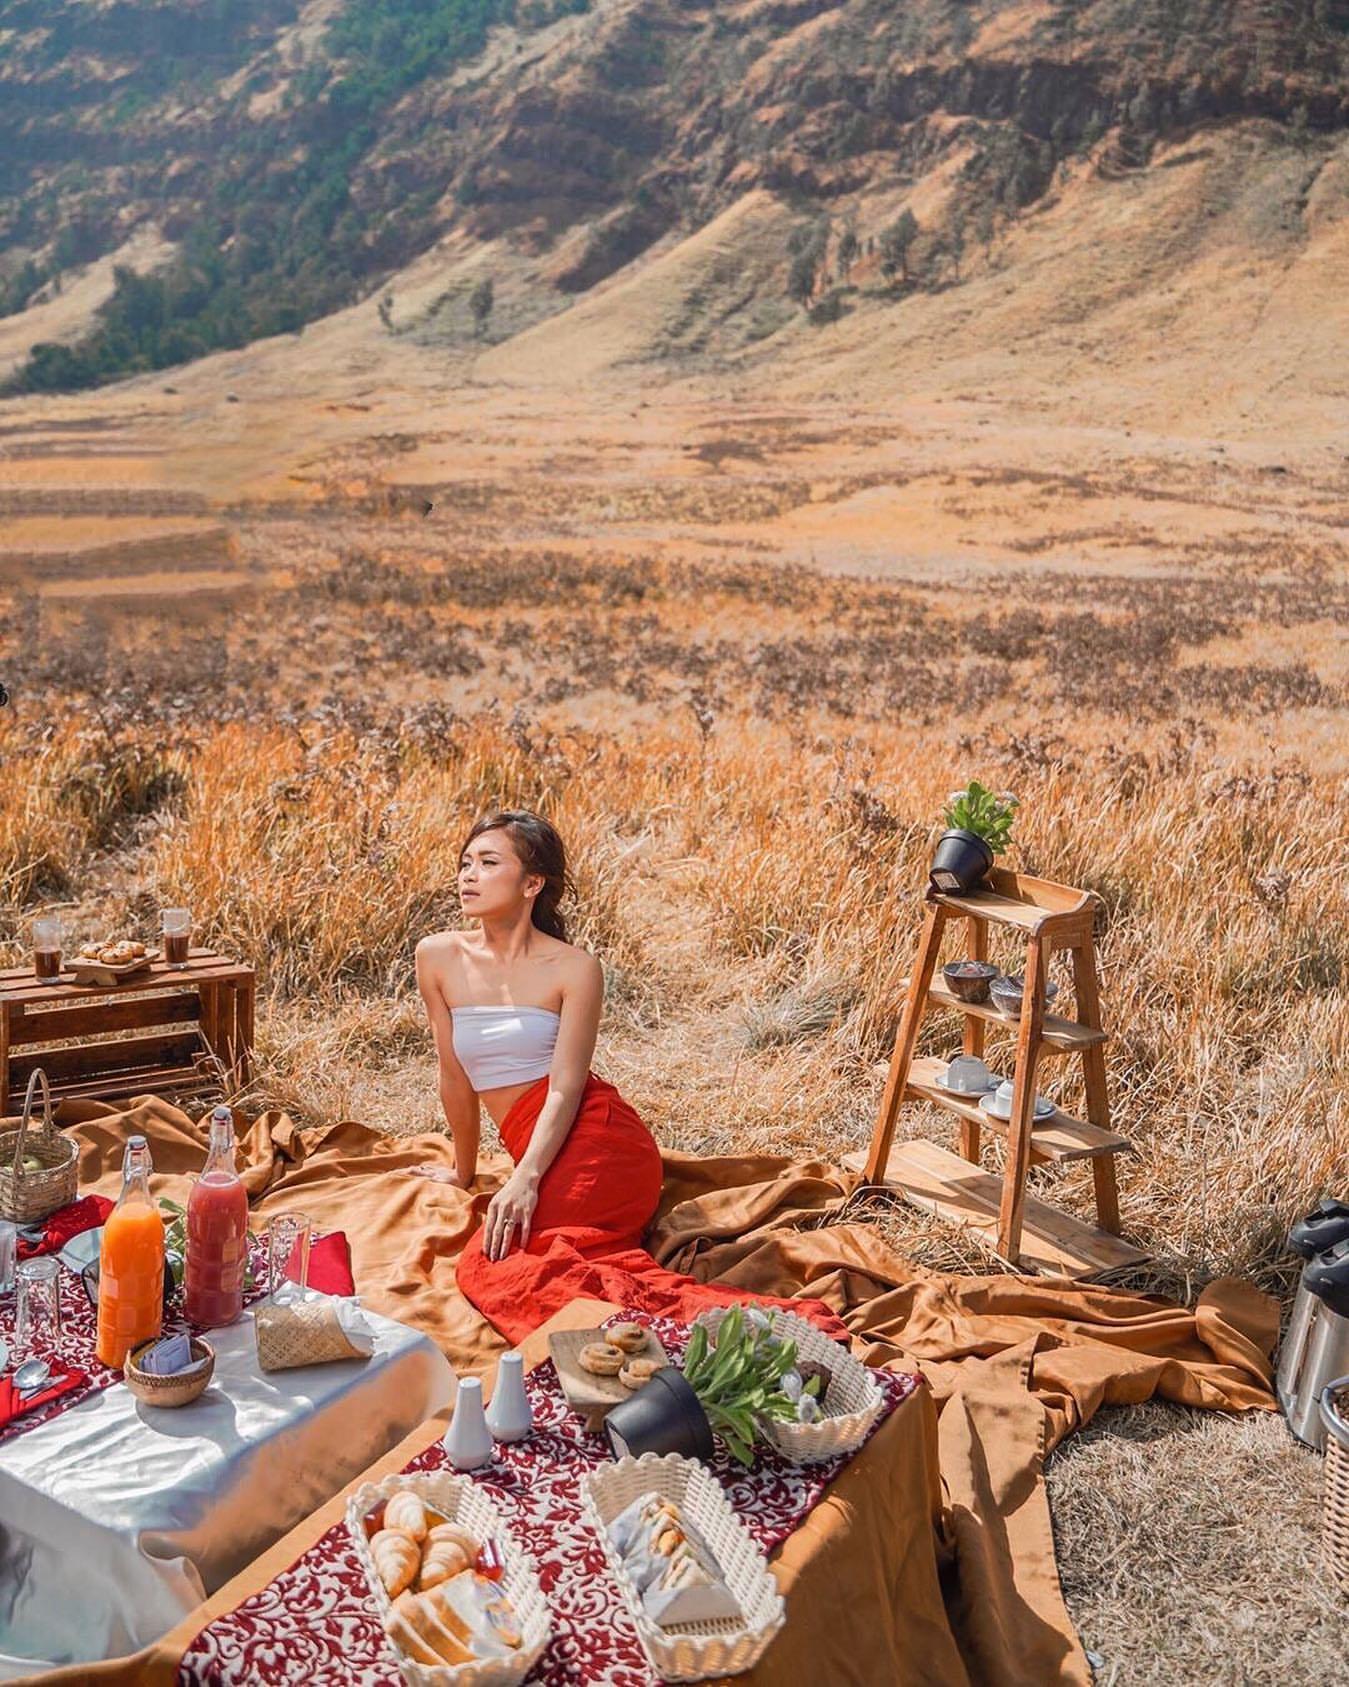 Tiền vệ Indonesia cầu hôn lãng mạn với bạn gái siêu xinh đẹp và nóng bỏng - 9